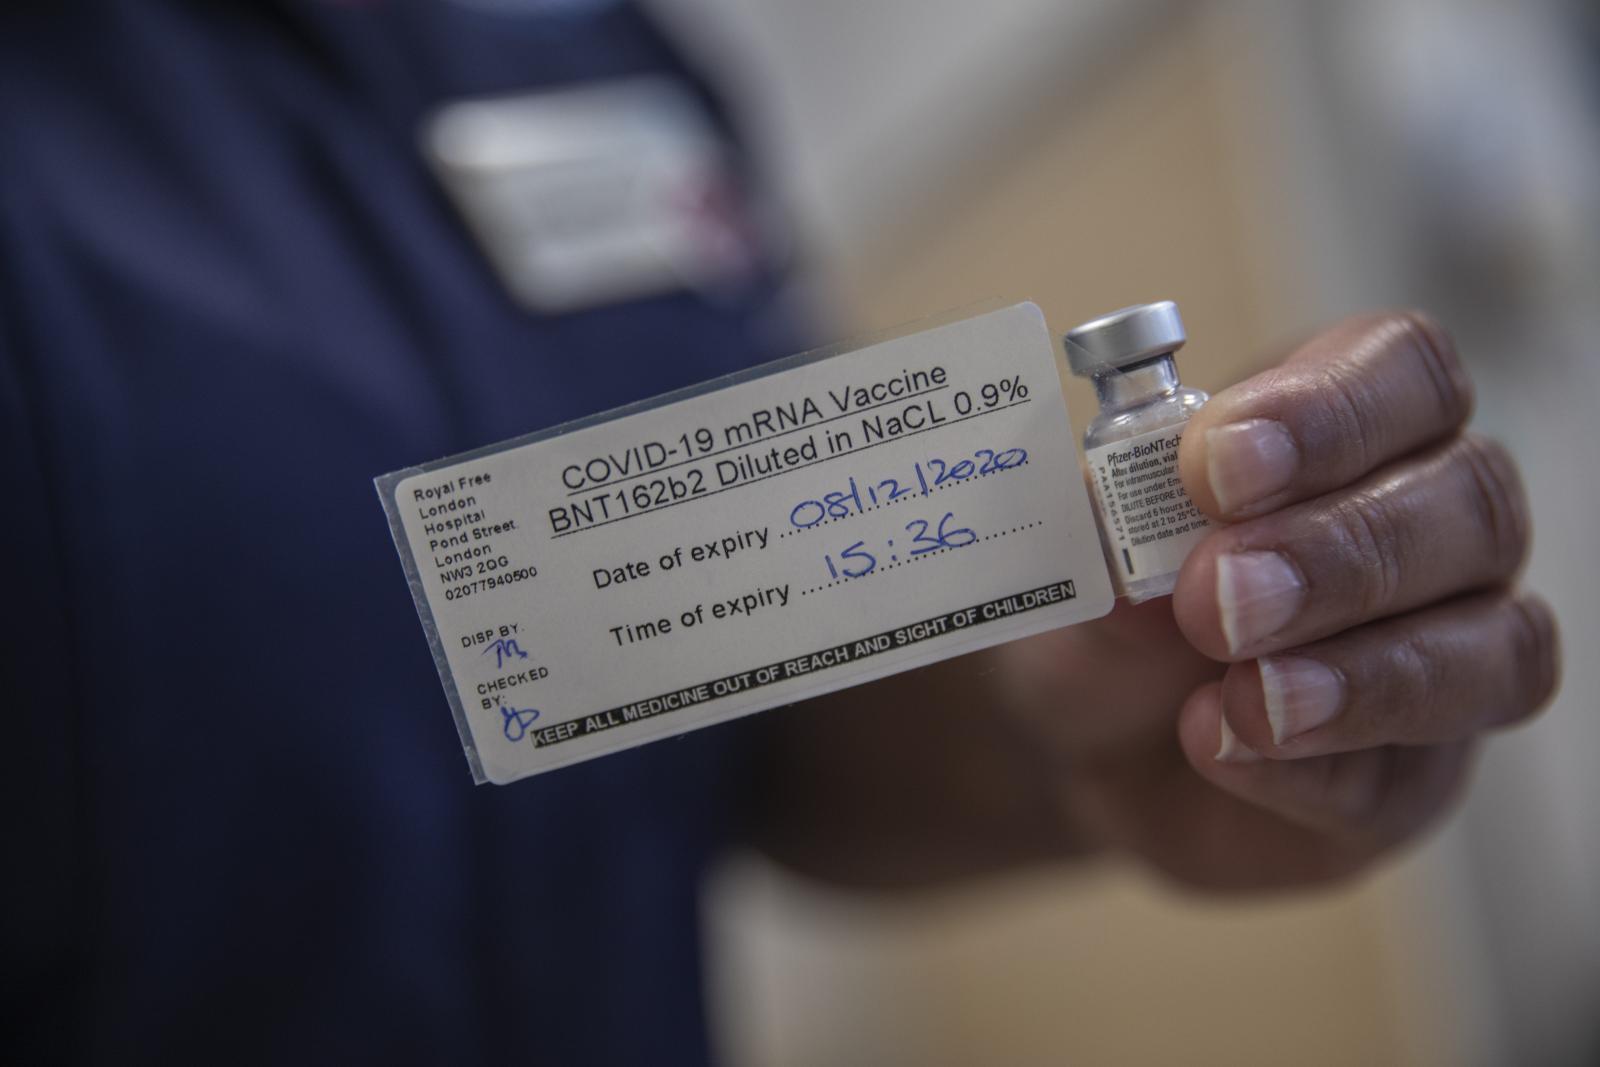 สหรัฐฯ อนุมัติใช้วัคซีนโควิด-19 ไฟเซอร์ในเด็กอายุ 12-15 ปี